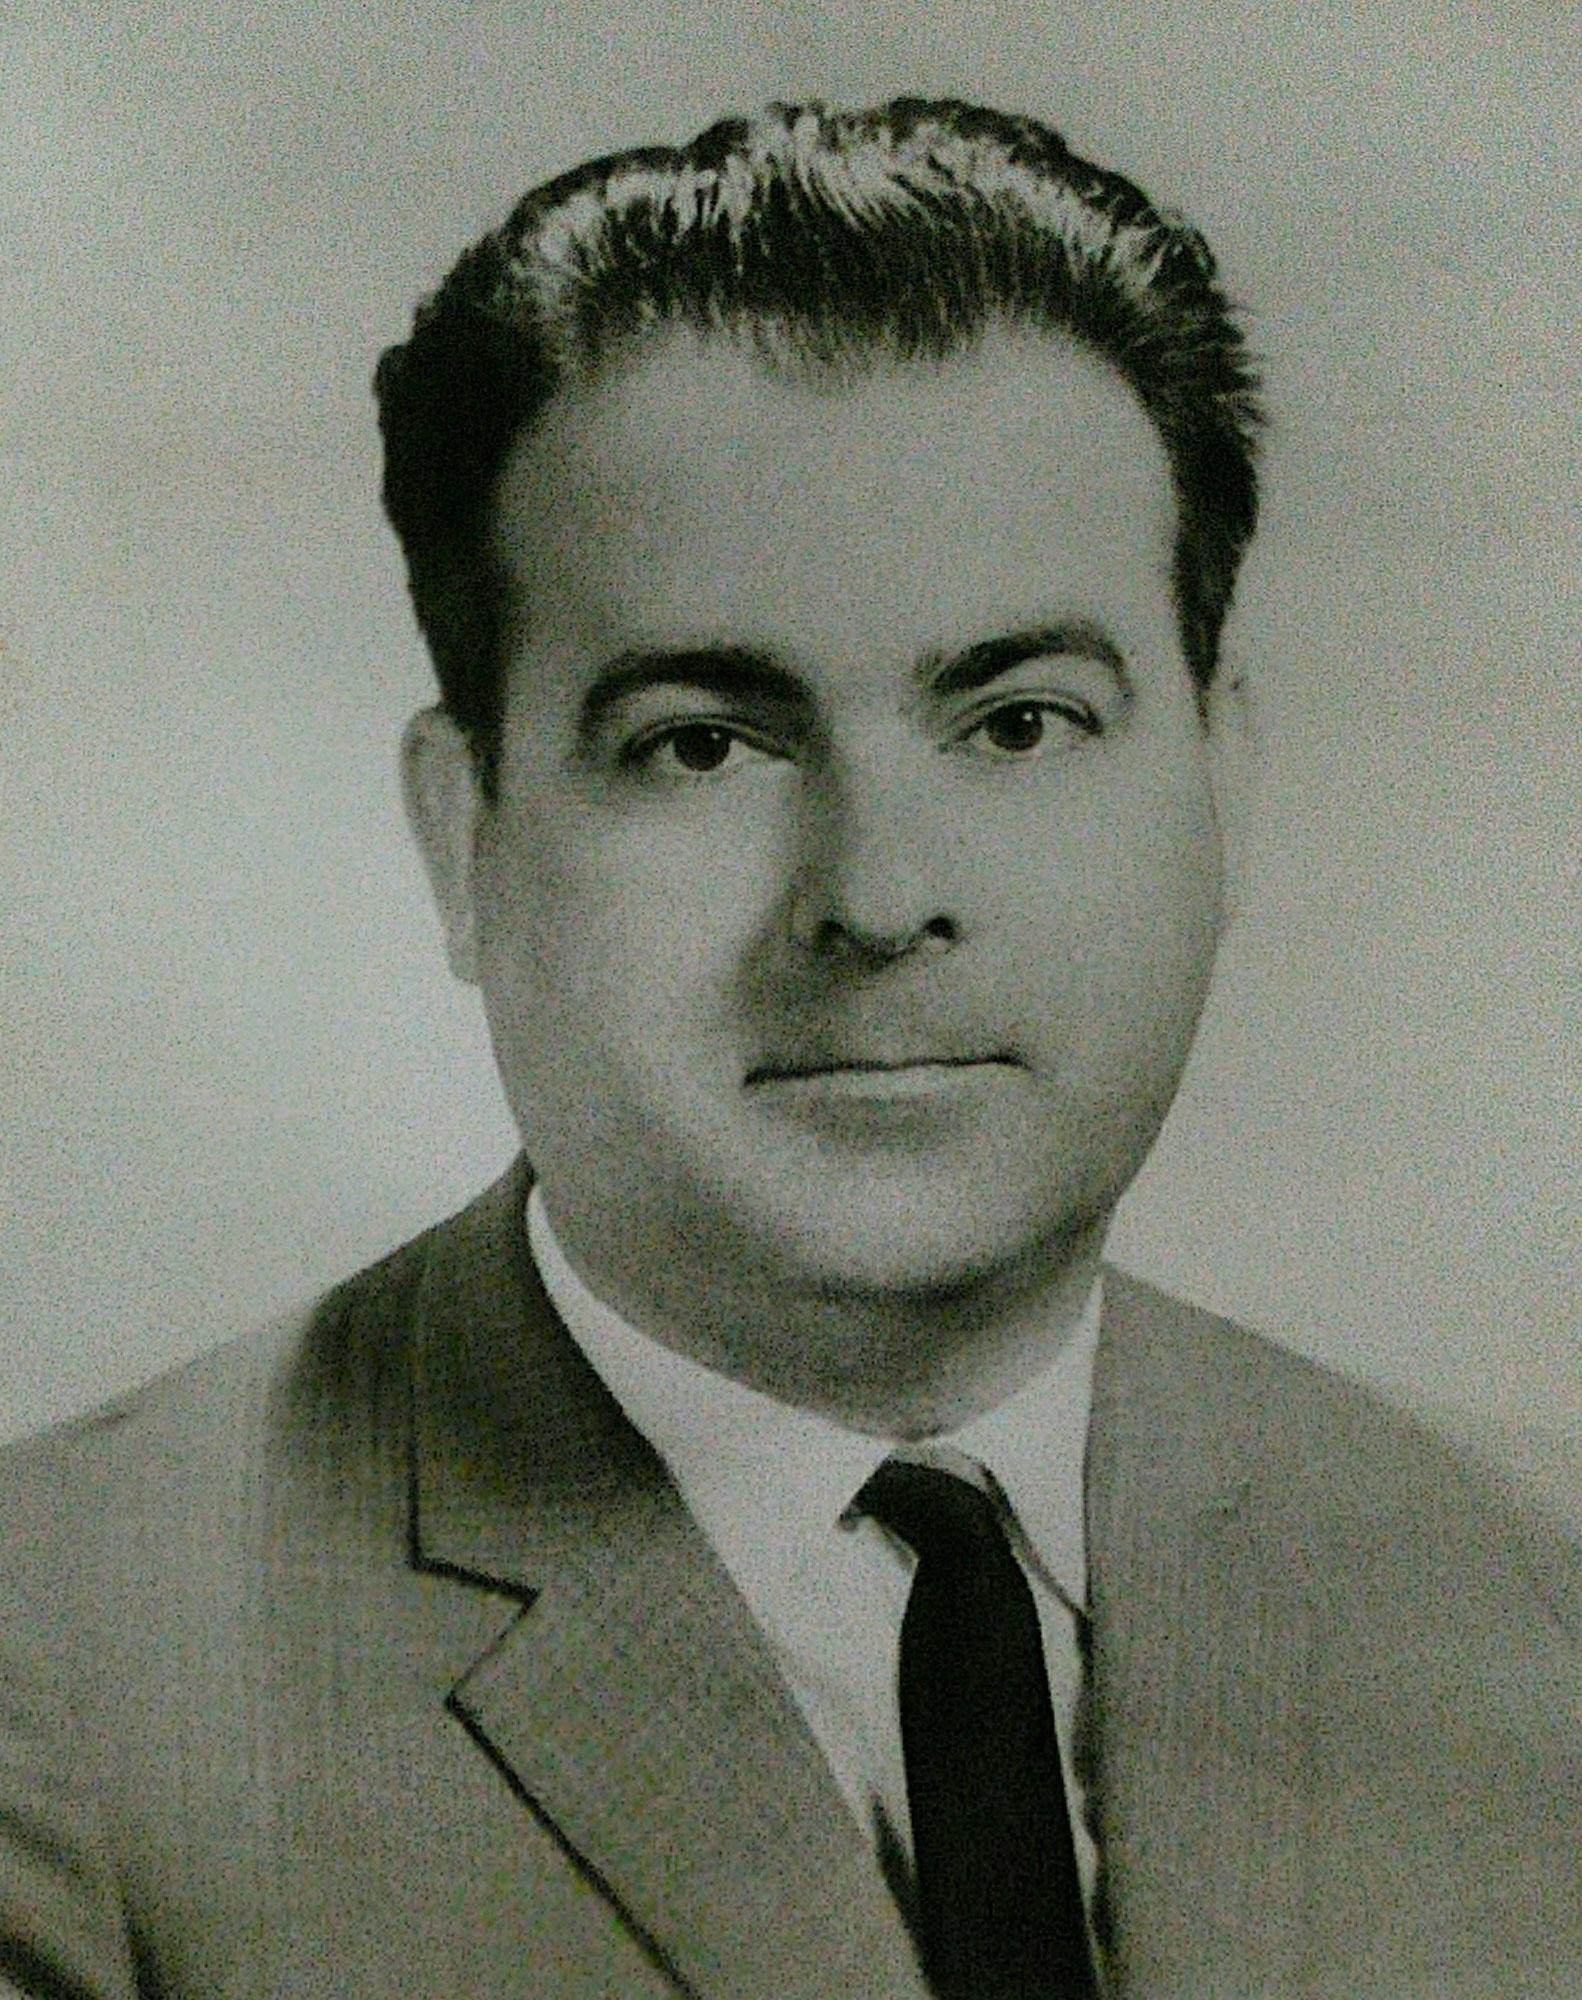 Foto do fundador do Sal達o Musical